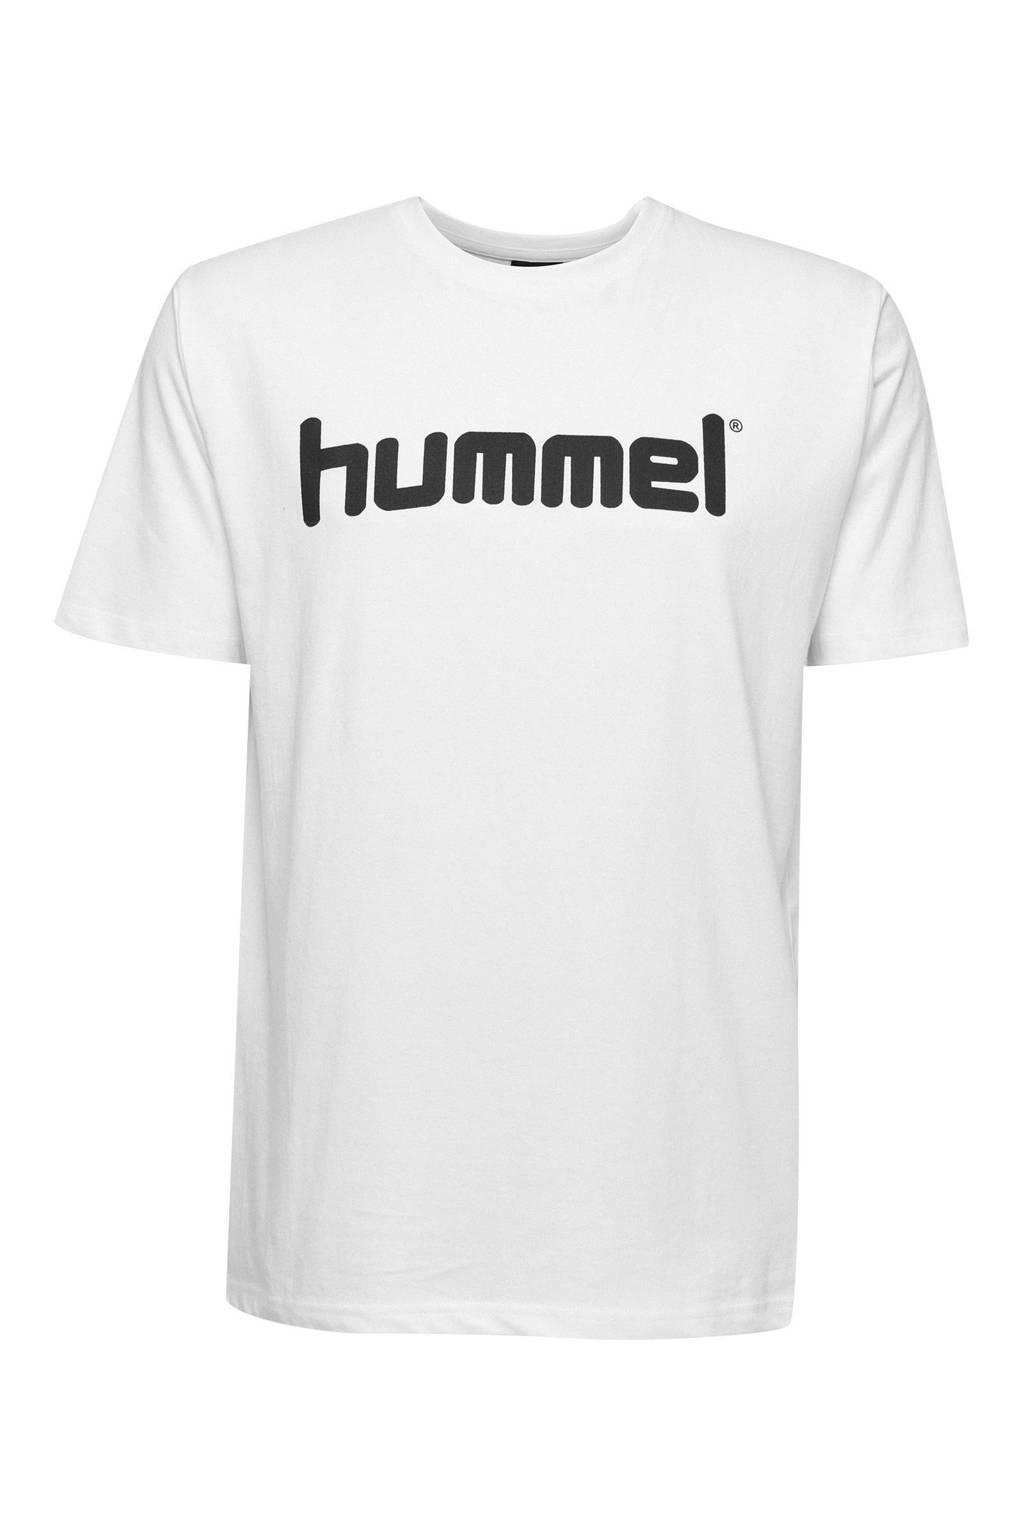 hummel T-shirt wit, Wit